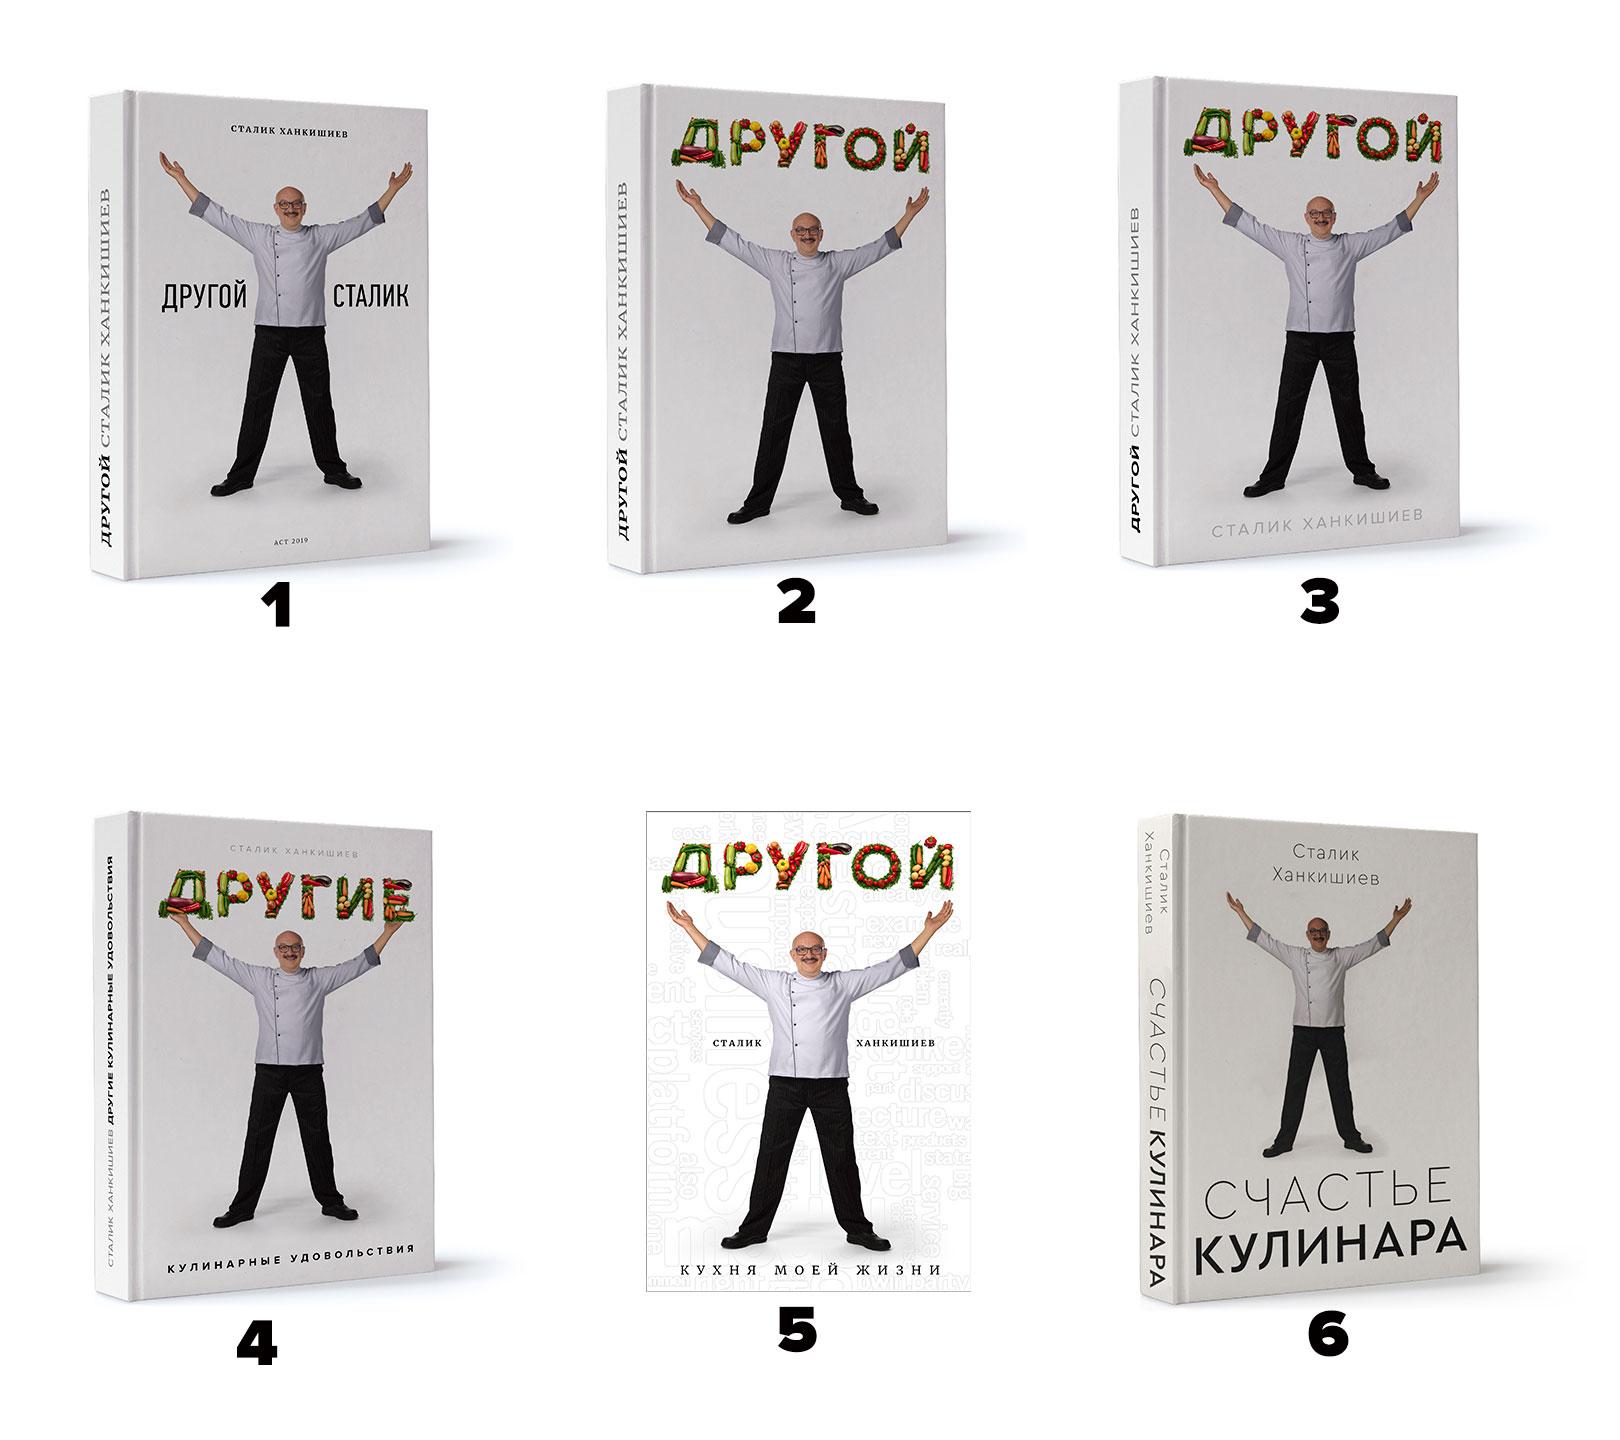 Муки выбора обложки новой книги